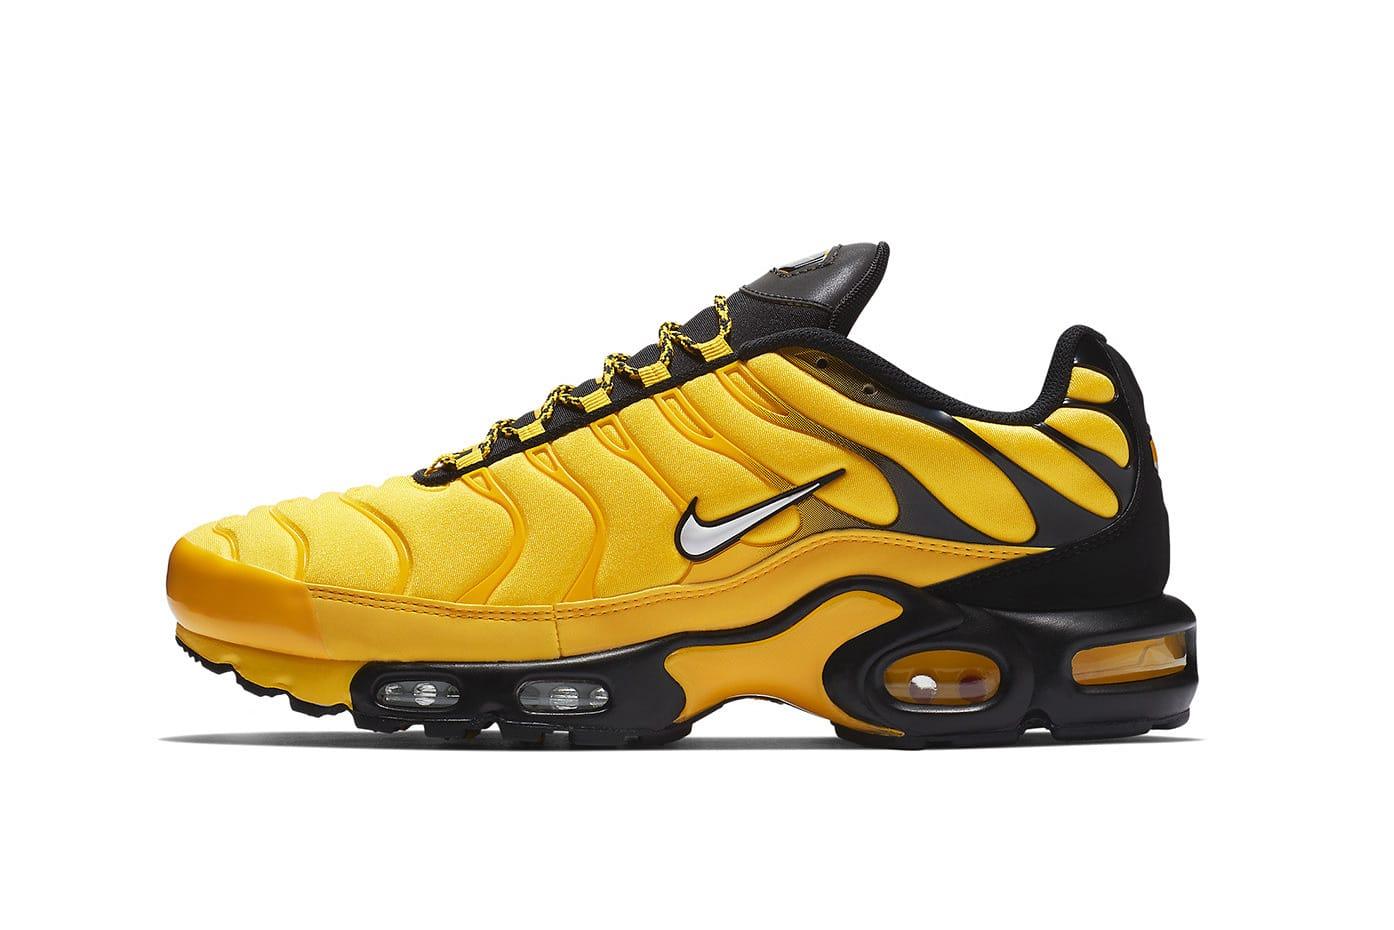 Nike Air Max Plus (Tour Yellow/White